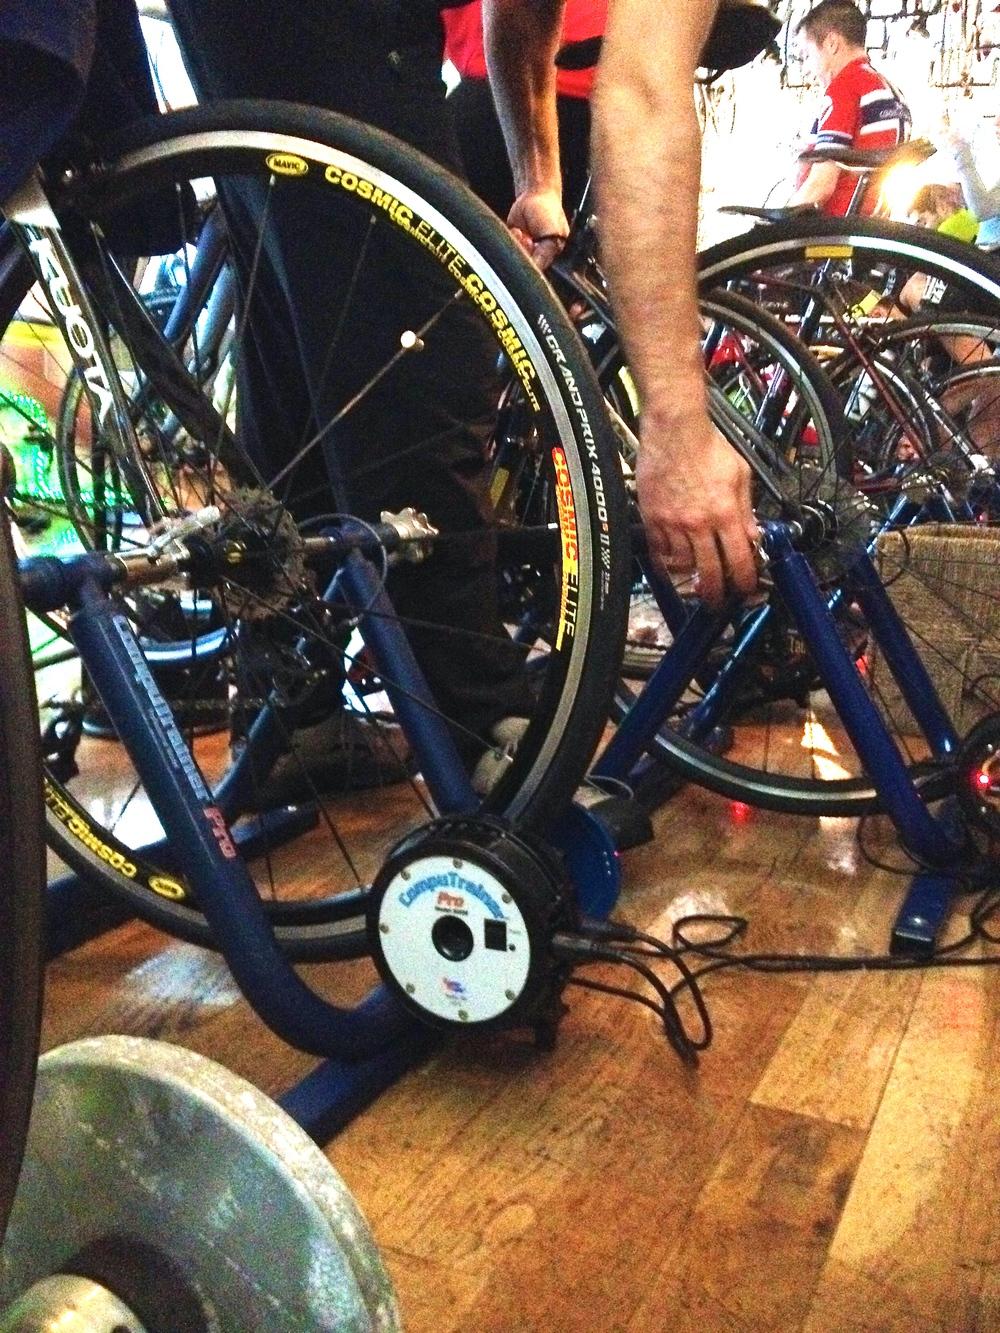 Setting up a bike on the compu-trainer